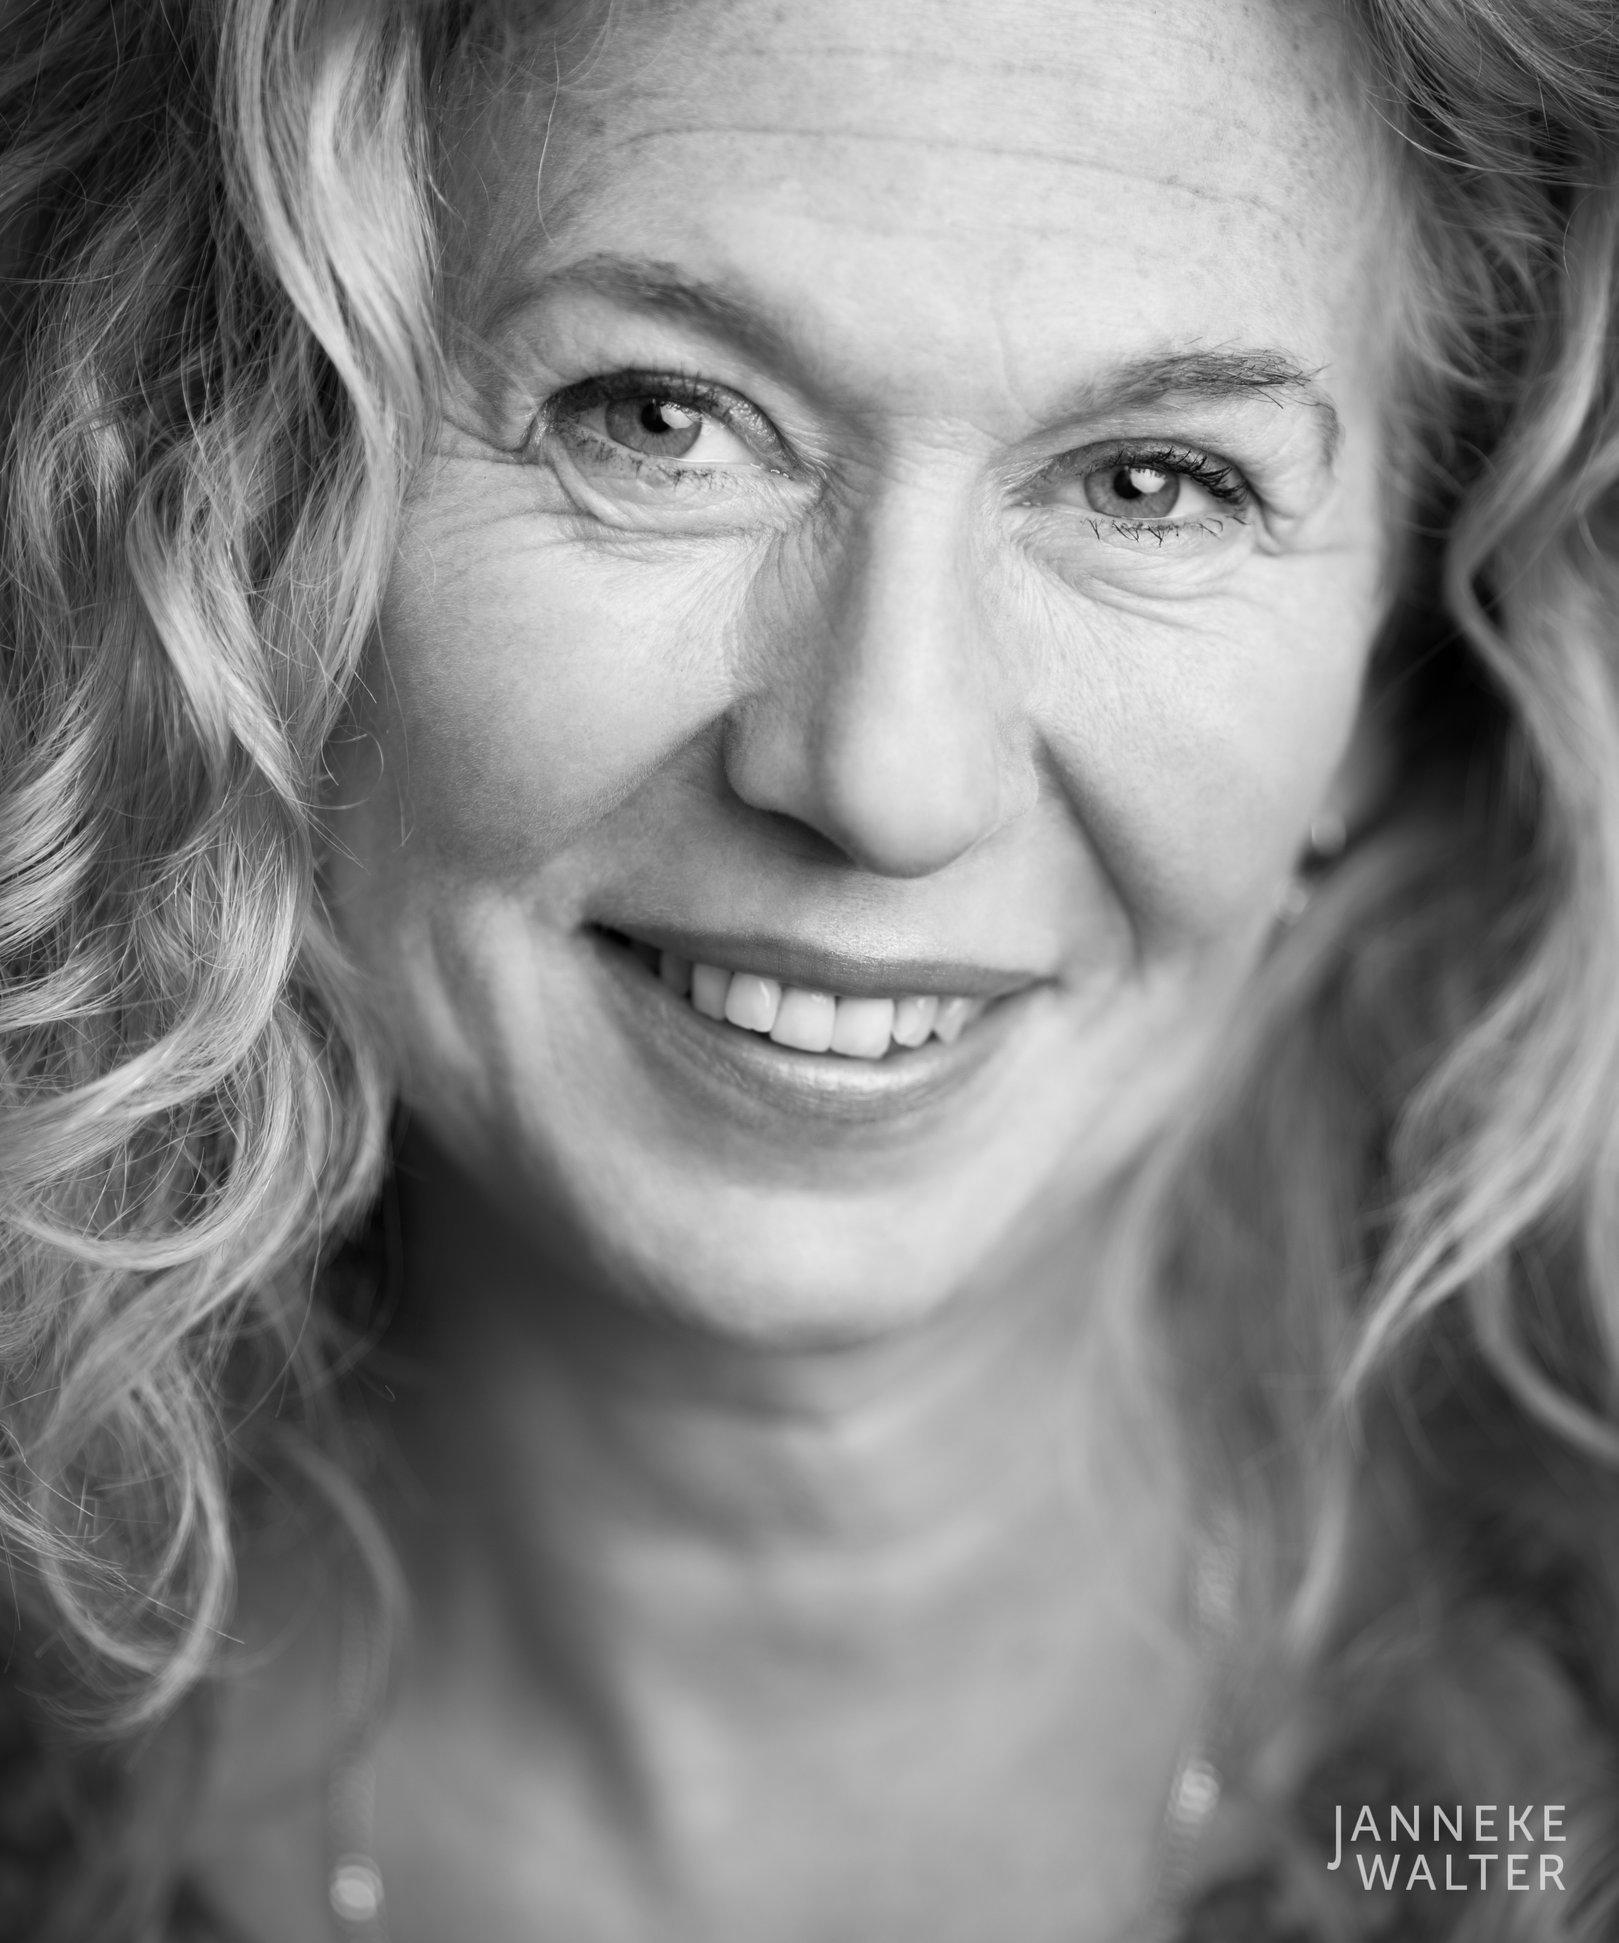 portretfoto vrouw krullend haar lachend © Janneke Walter, fotograaf Utrecht De Bilt, portretfotograaf, portret, portretfotografie